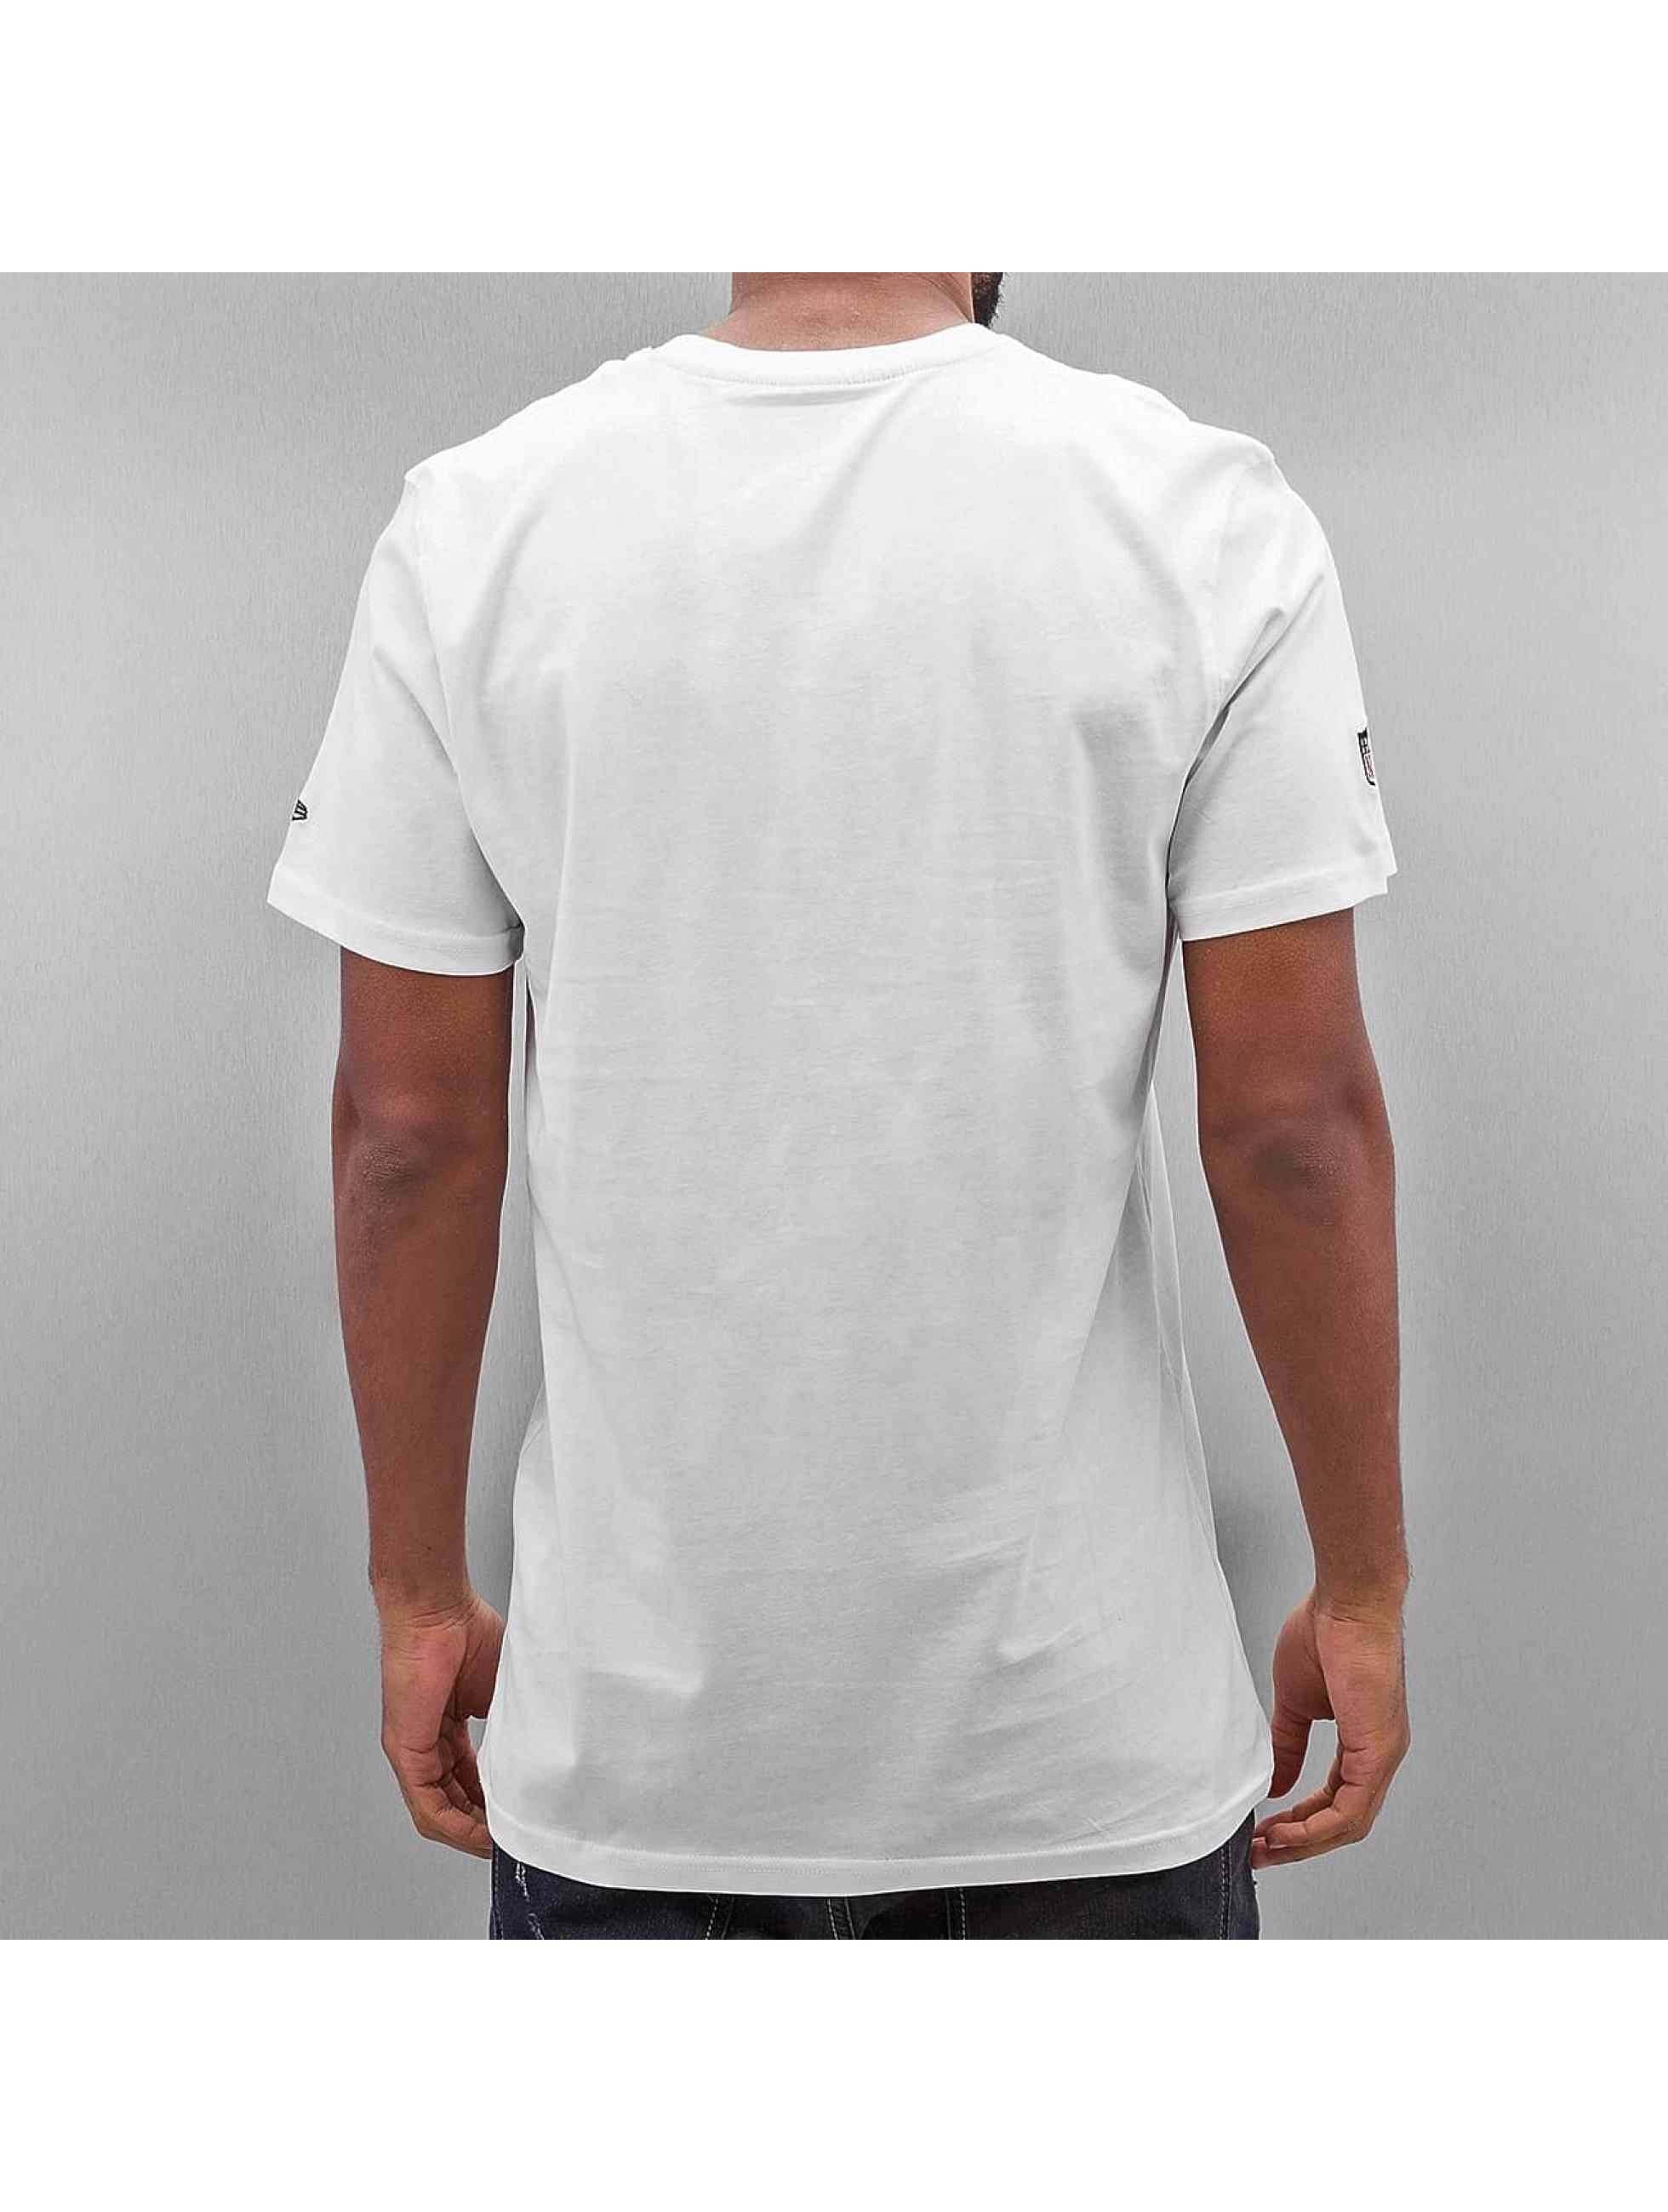 New Era T-Shirt NFL Quarterback Splash New England Patriots white